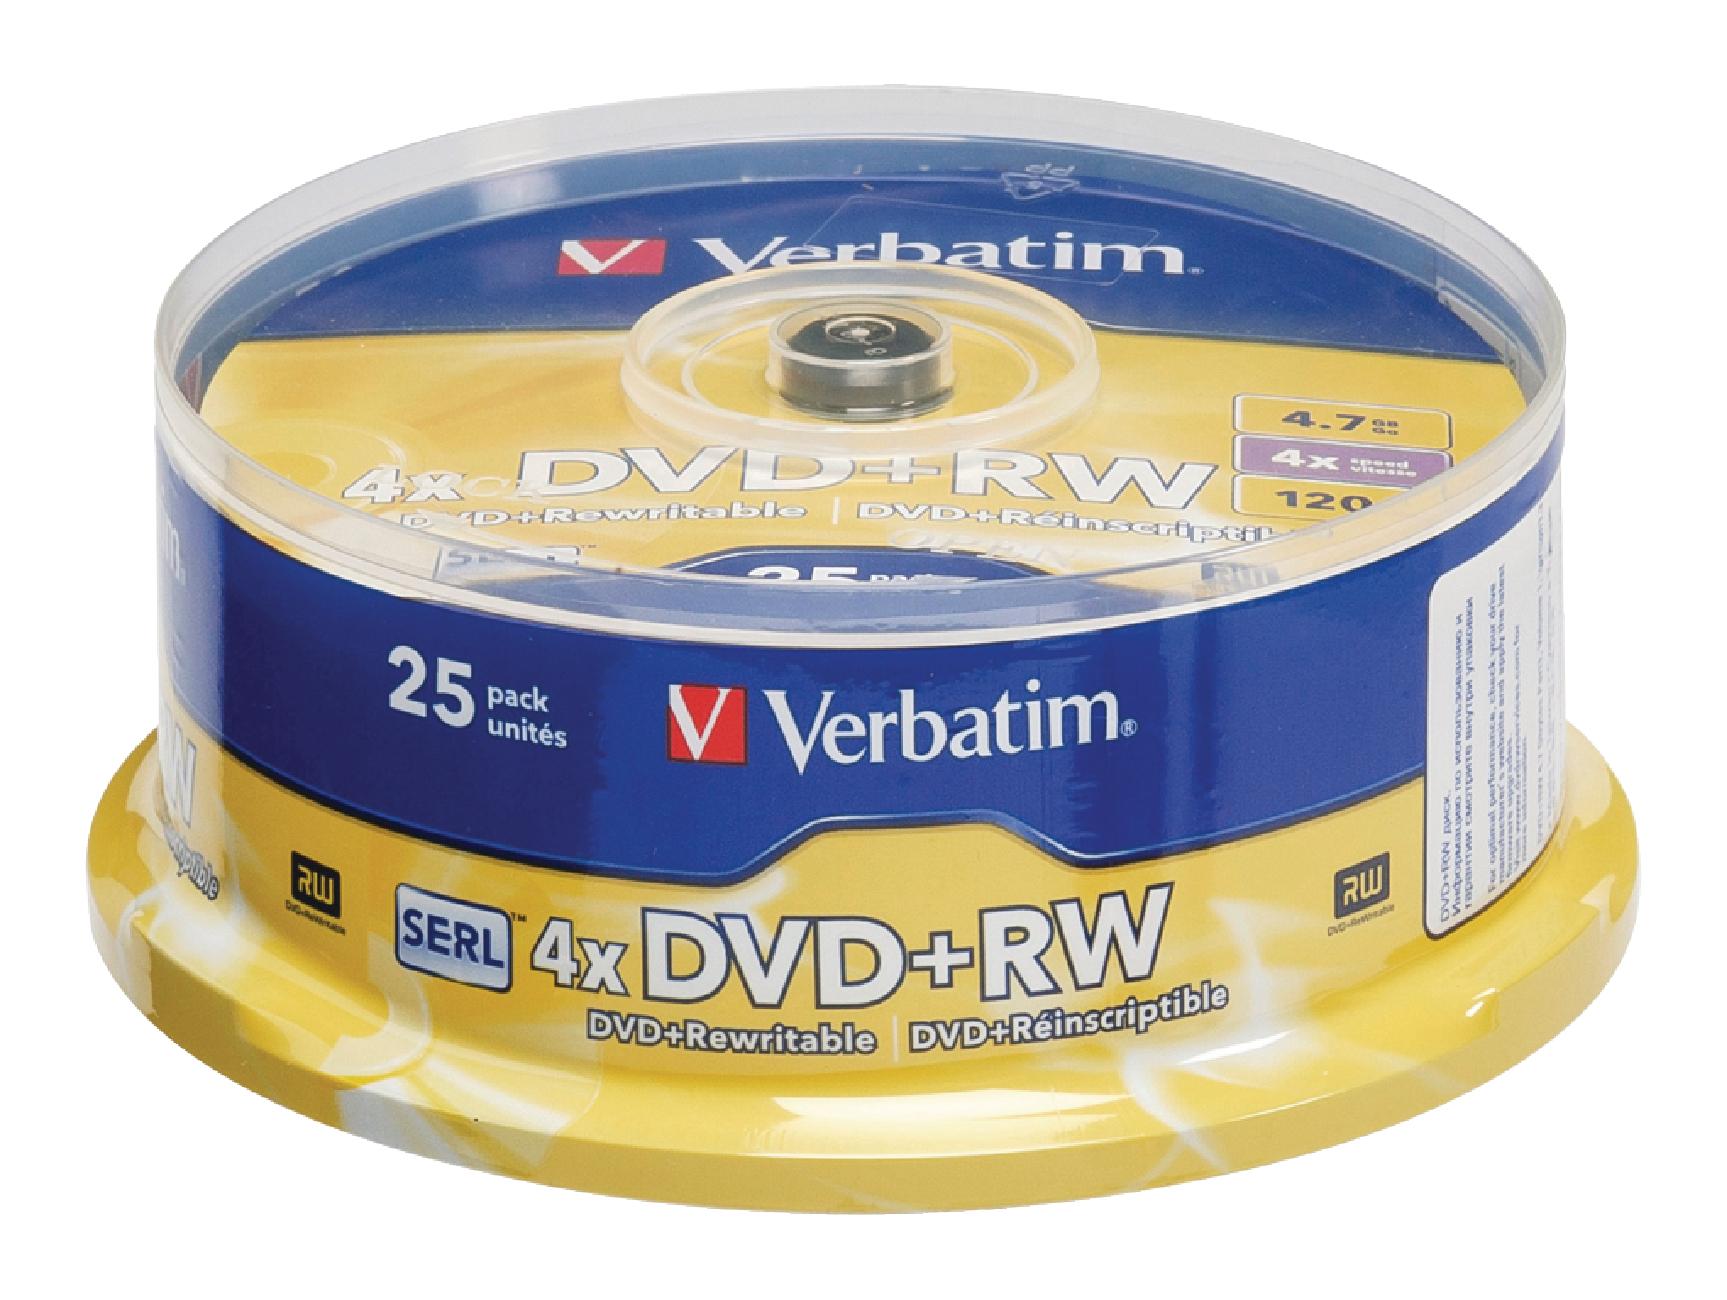 DVD+RW Verbatim 4.7 GB, 25ks-cake, DVDVER00075B